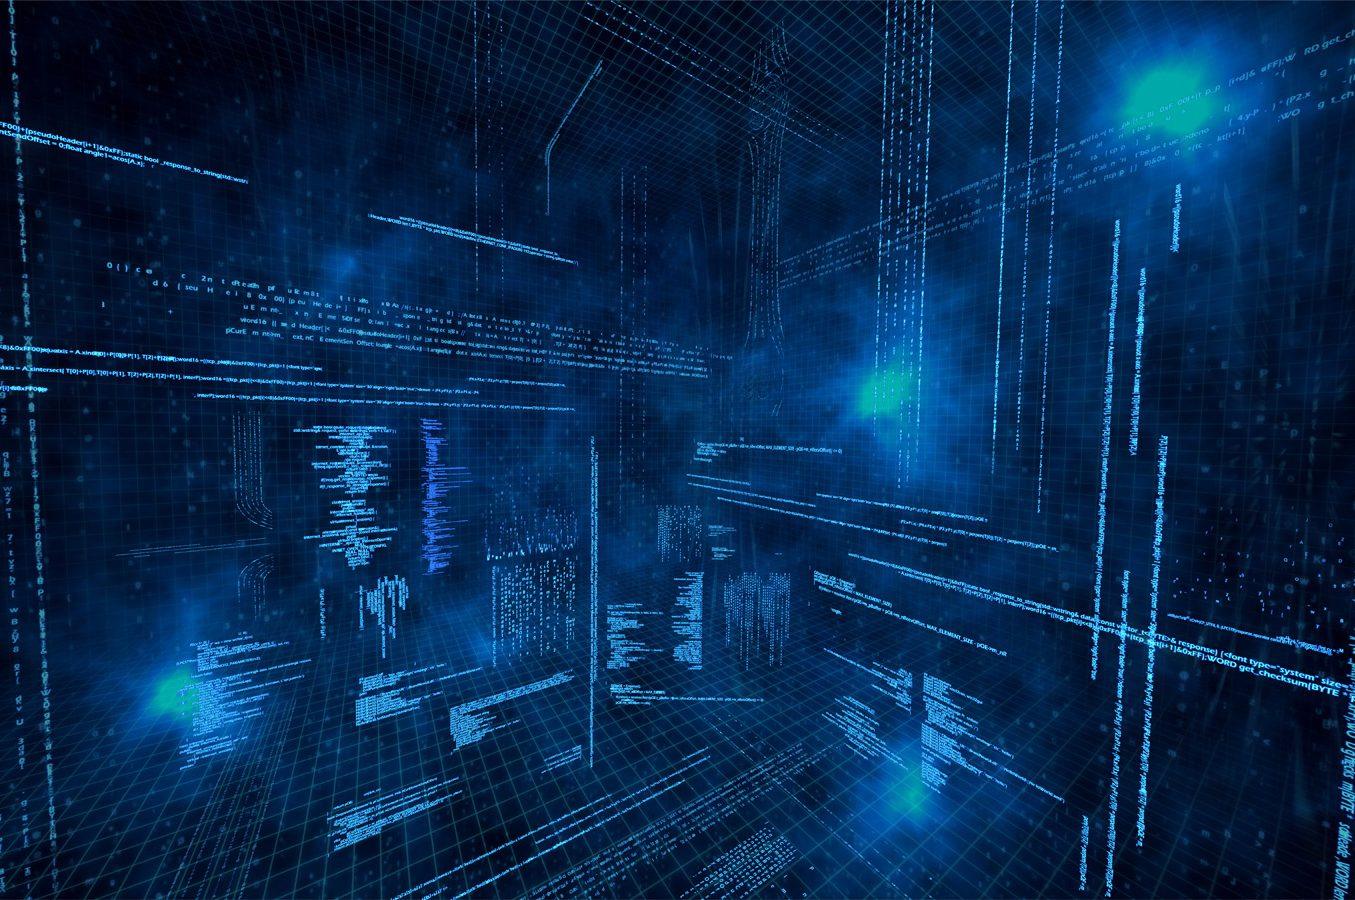 Conoce más sobre la Deep Web y la Dark Web